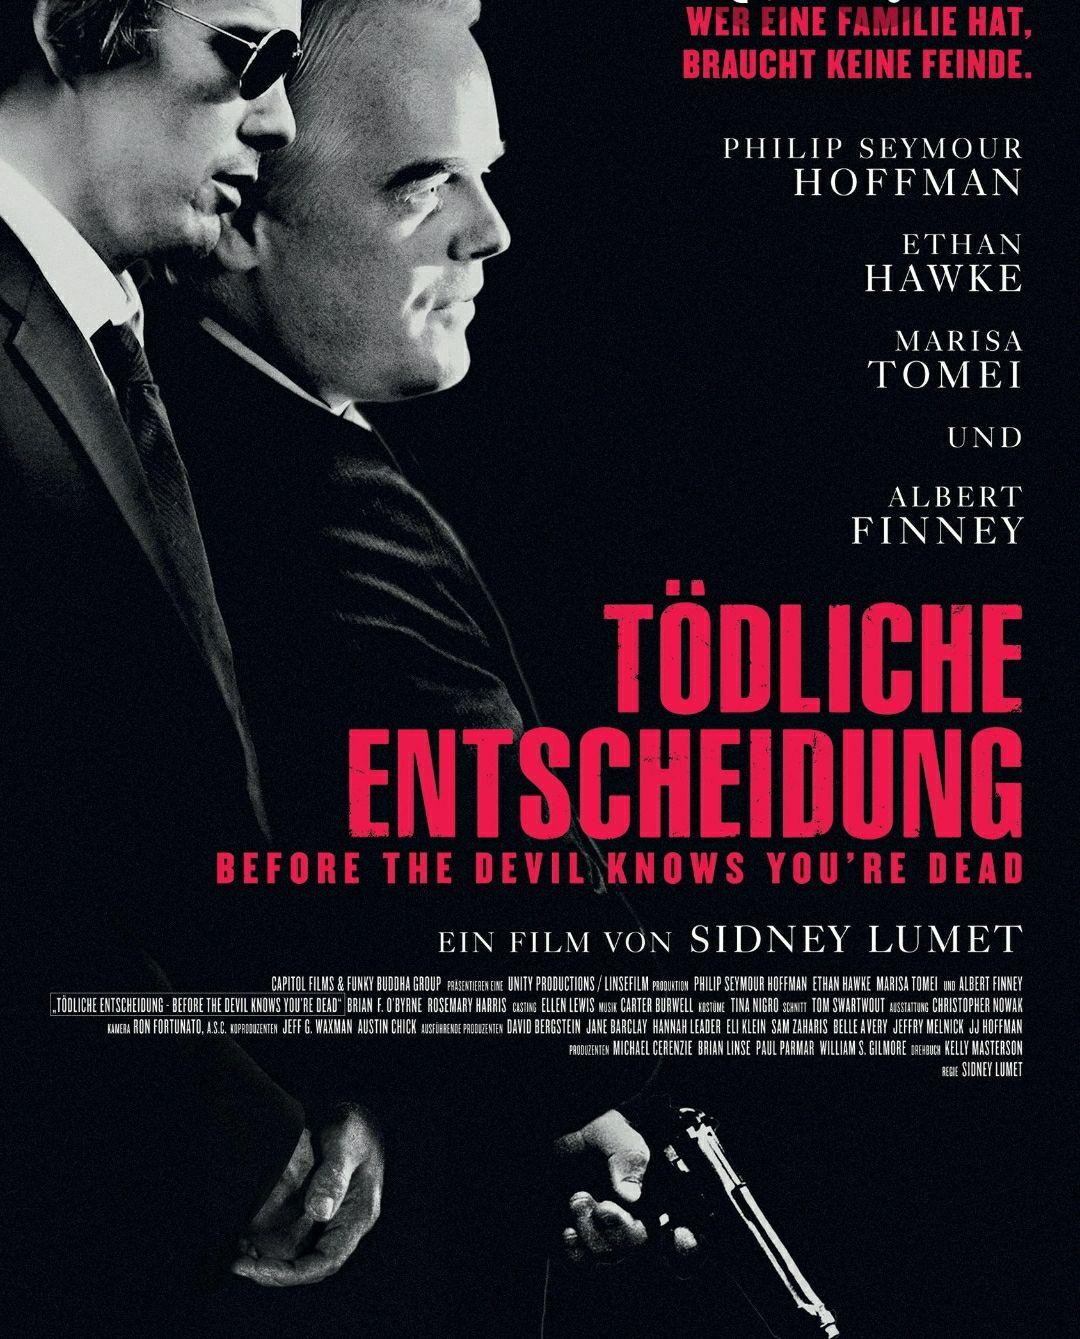 """[Servus TV Mediathek] """"Tödliche Entscheidung"""" mit Philip Seymour Hoffman, Ethan Hawke und Marisa Tomei kostenlos streamen [IMDb 7.3]"""